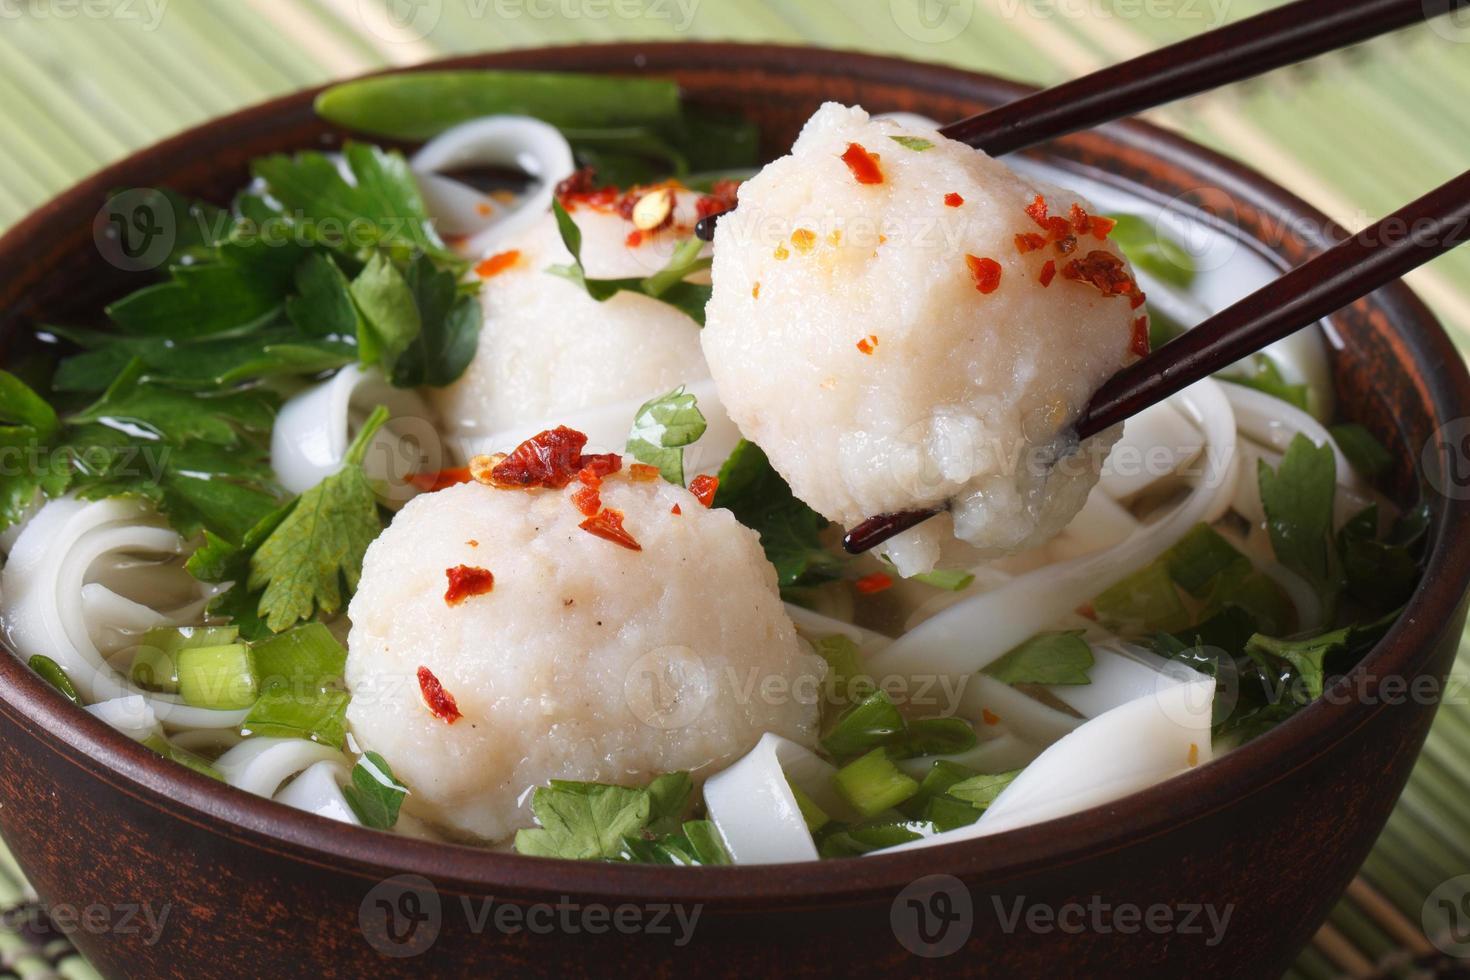 zuppa asiatica tradizionale con polpette di pesce e bacchette foto